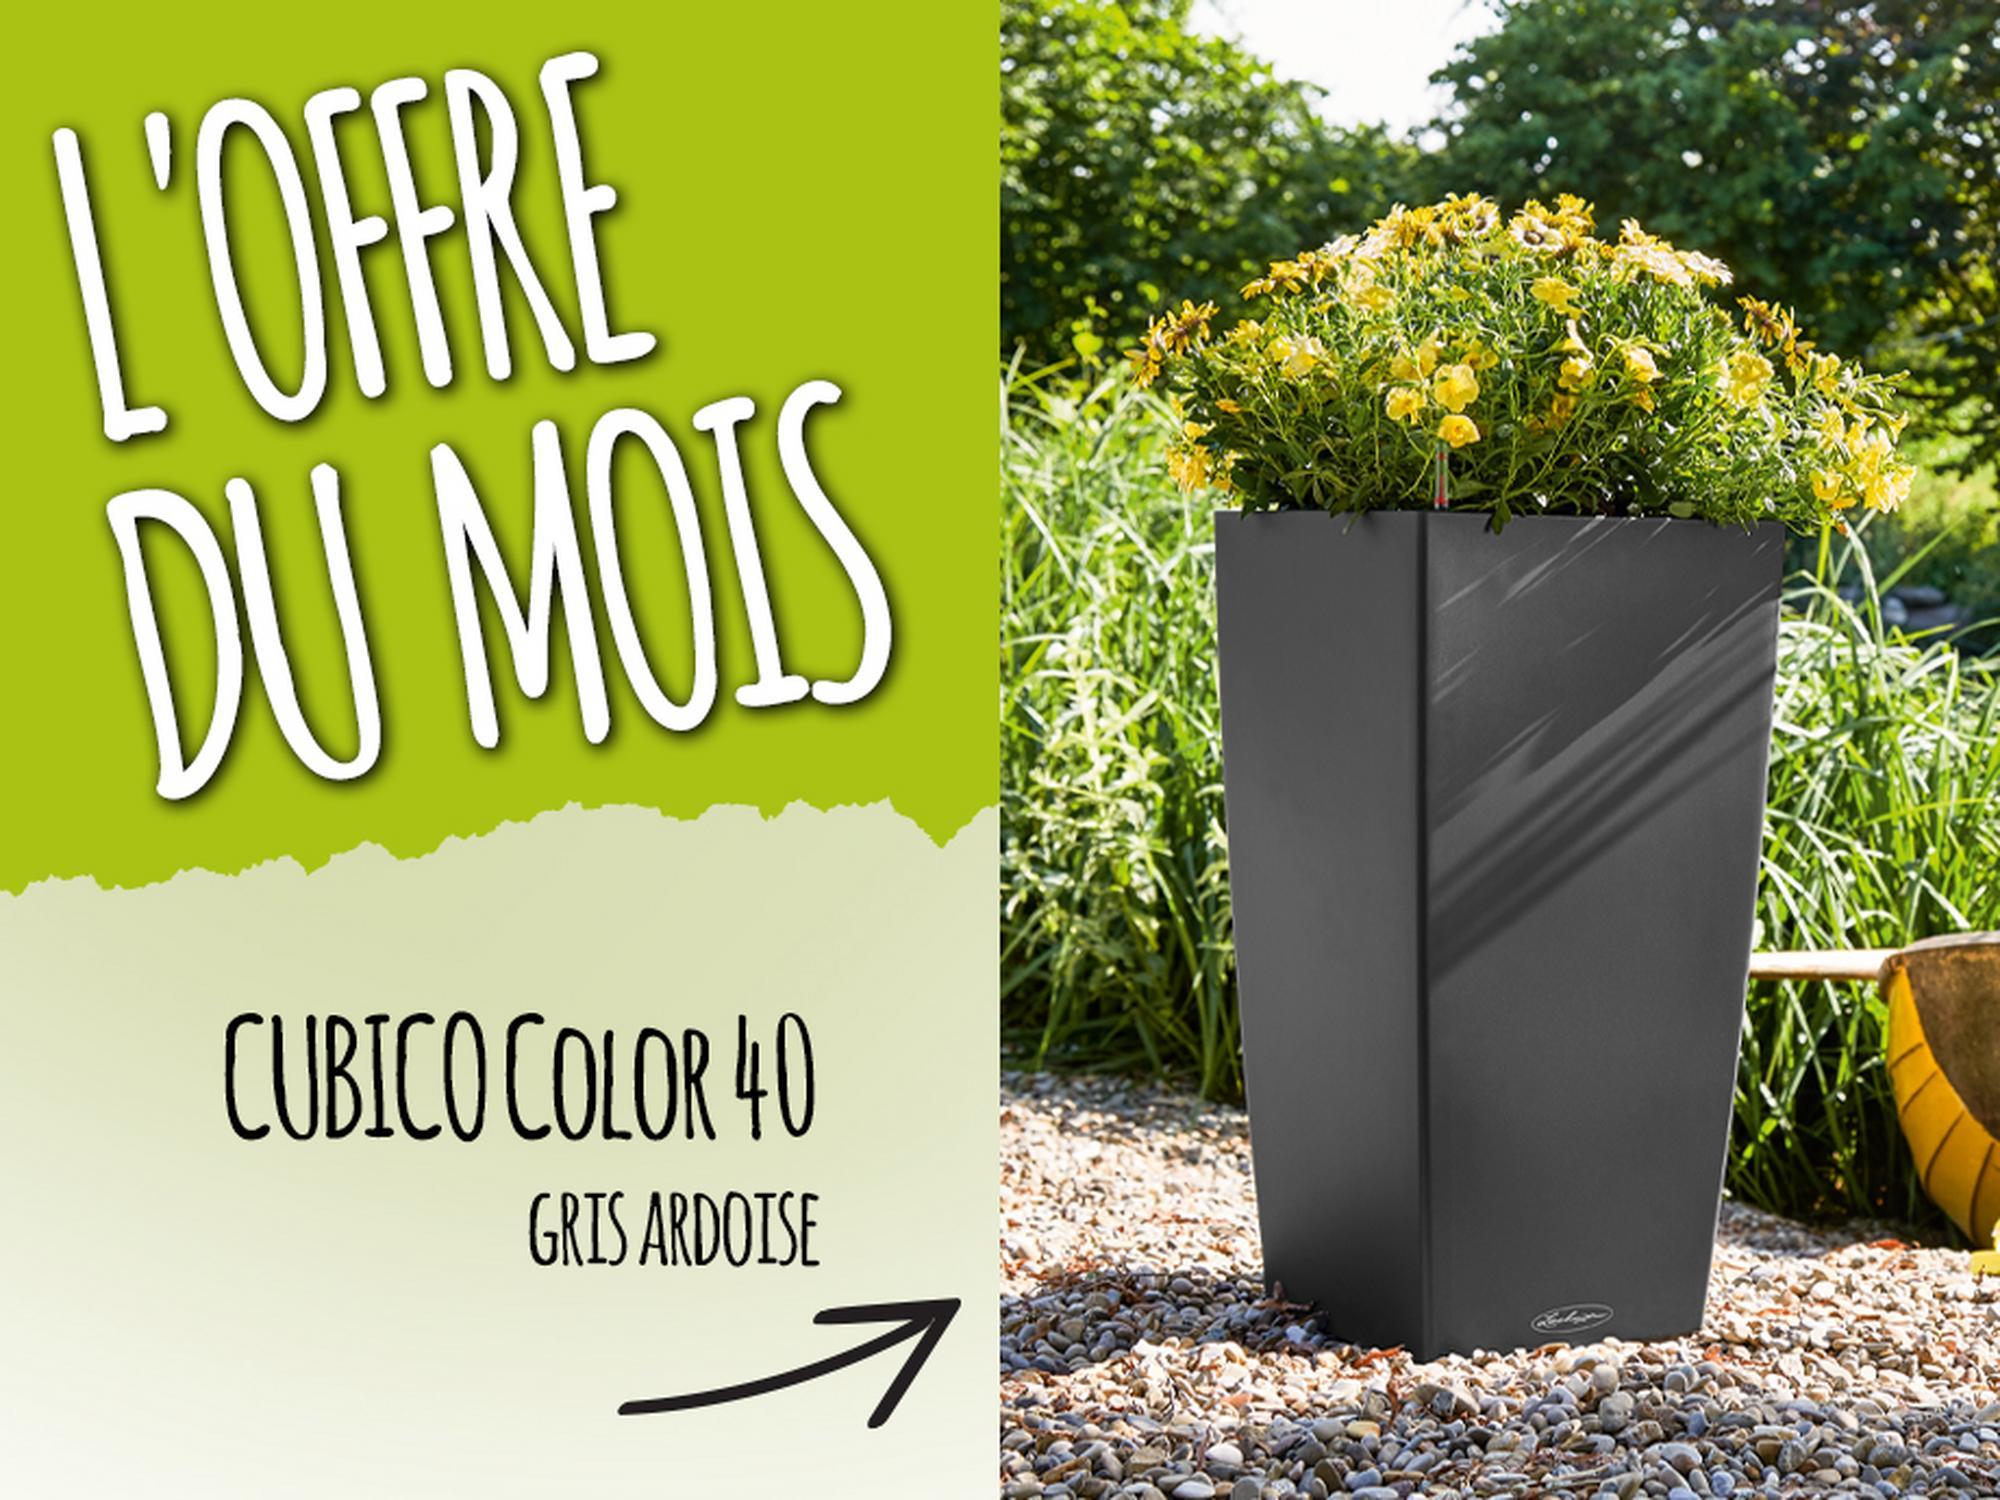 L'offre du Mois: 15% de réduction pour l'achat du CUBICO Color 40 gris ardoise